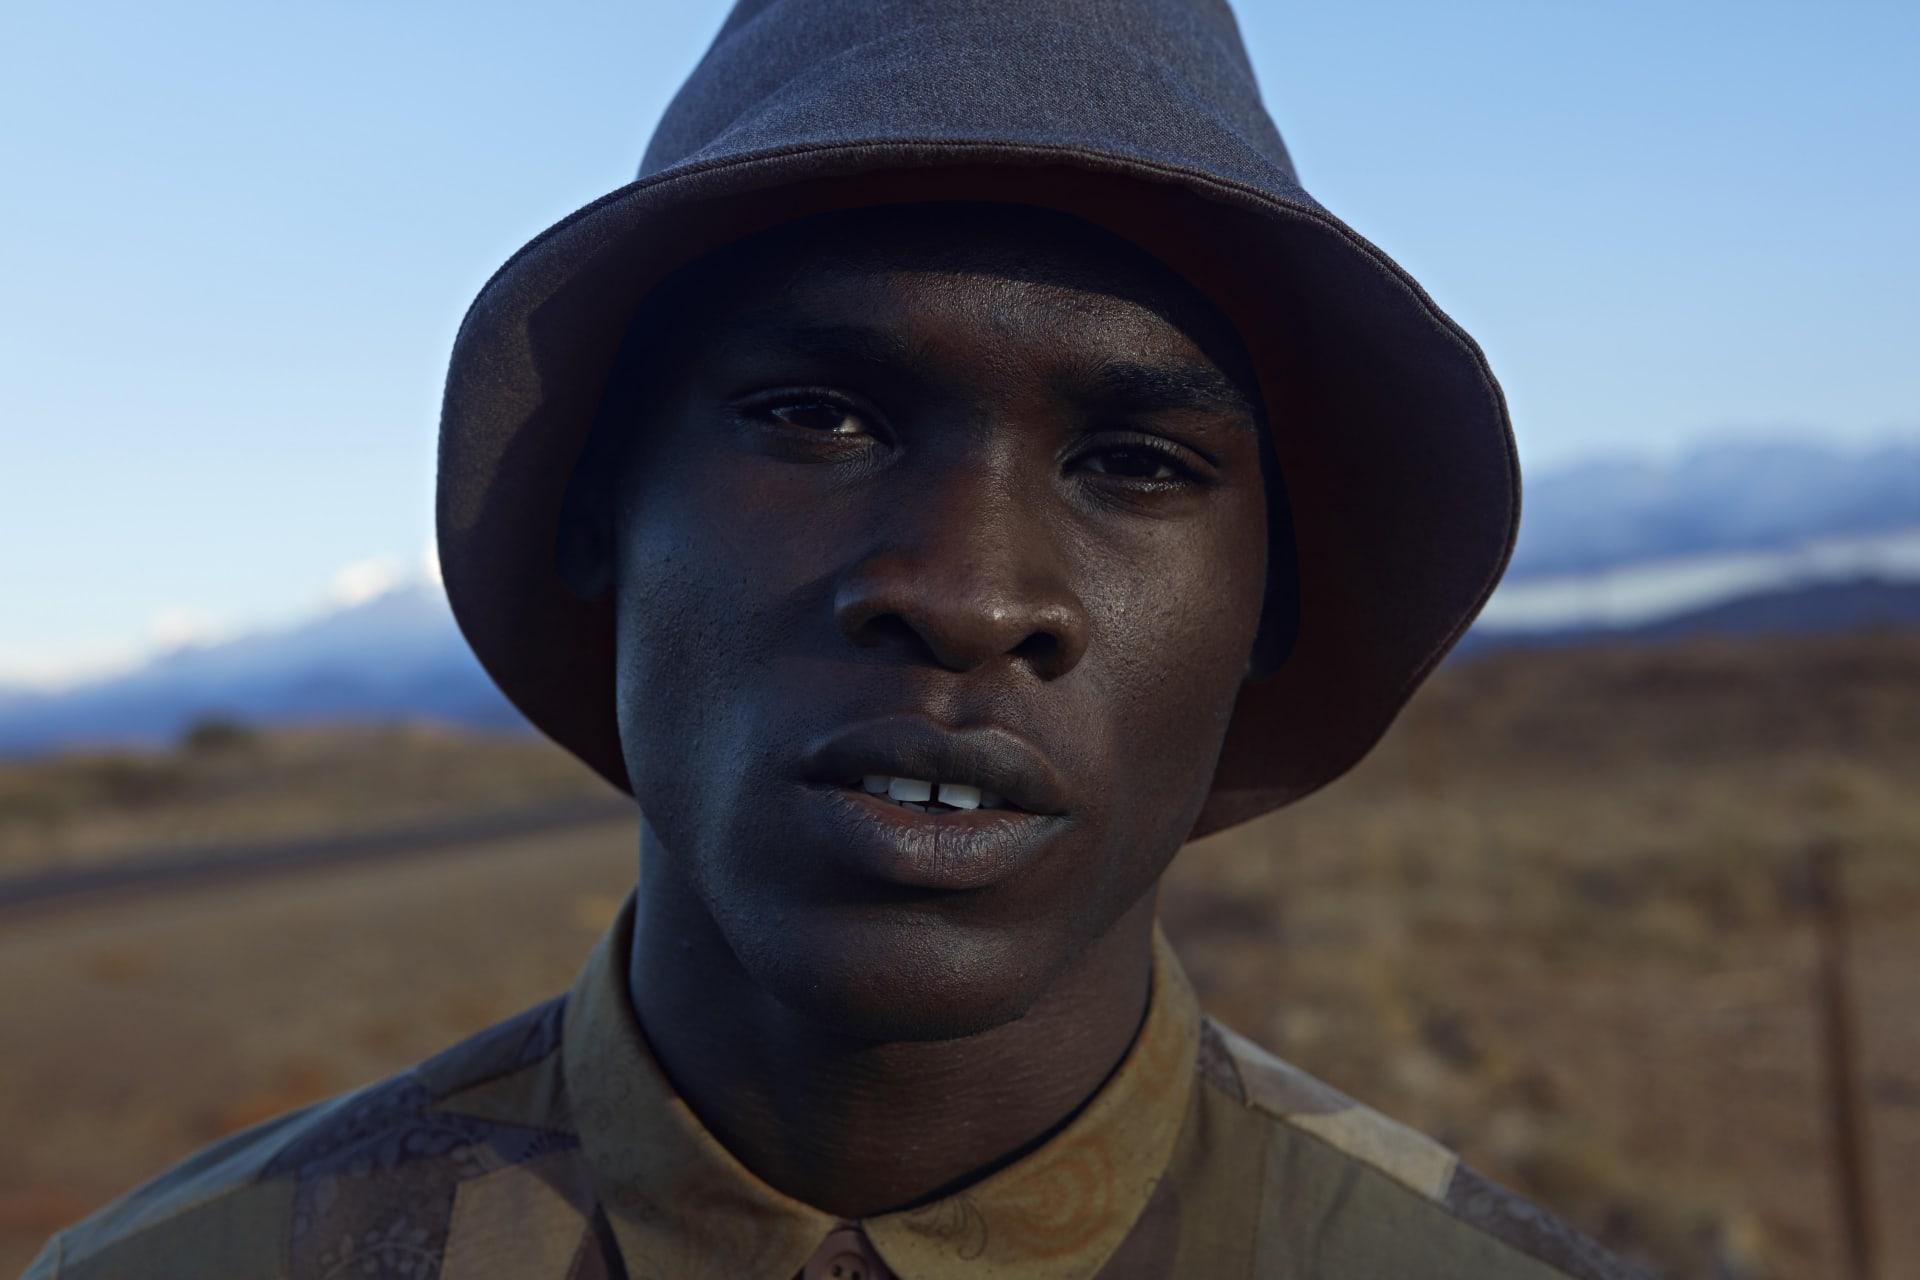 ALC Menswear bucket hat. ALC Menswear camo Shweshwe shirt.